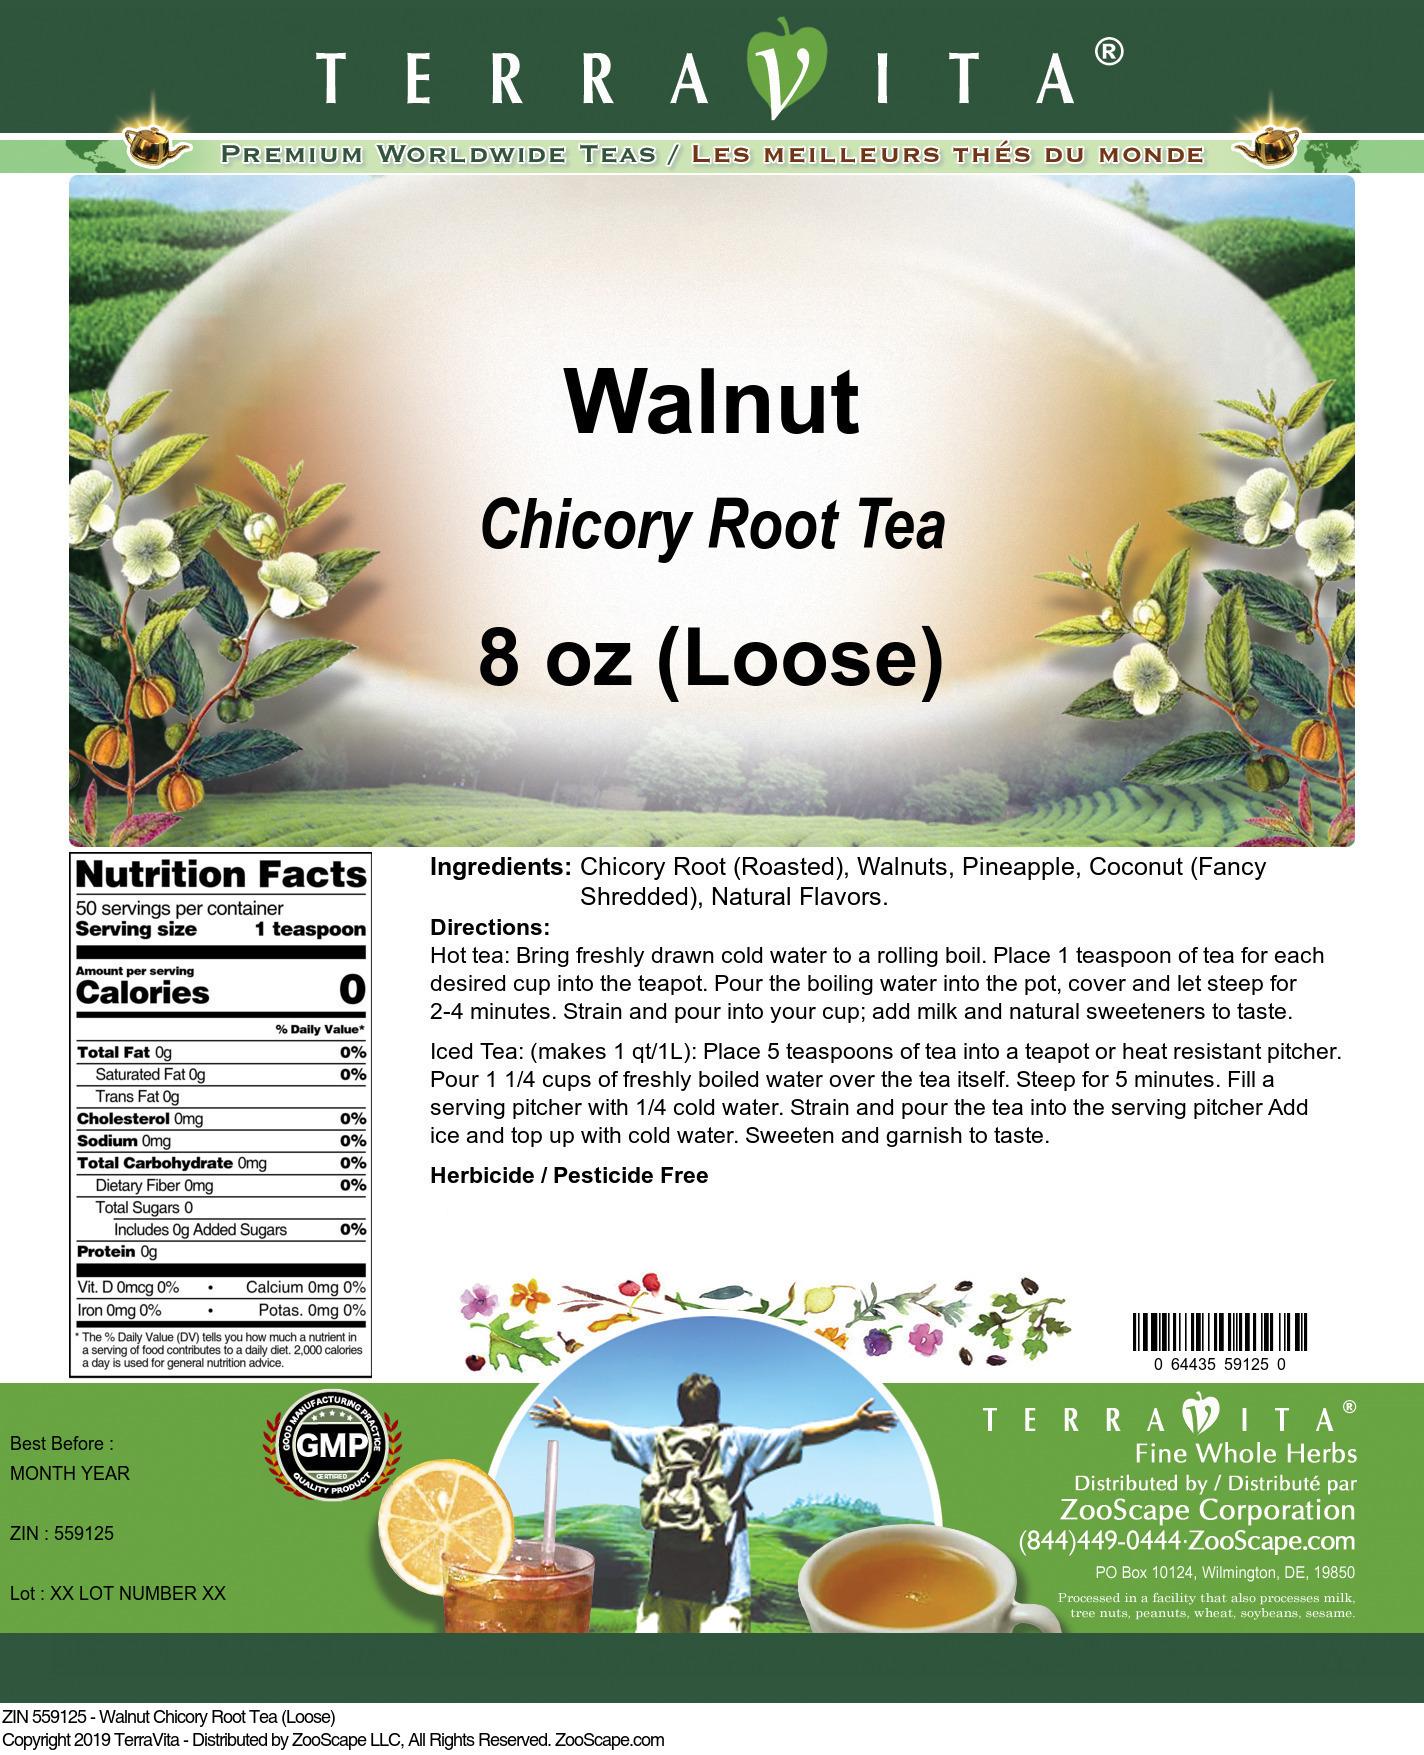 Walnut Chicory Root